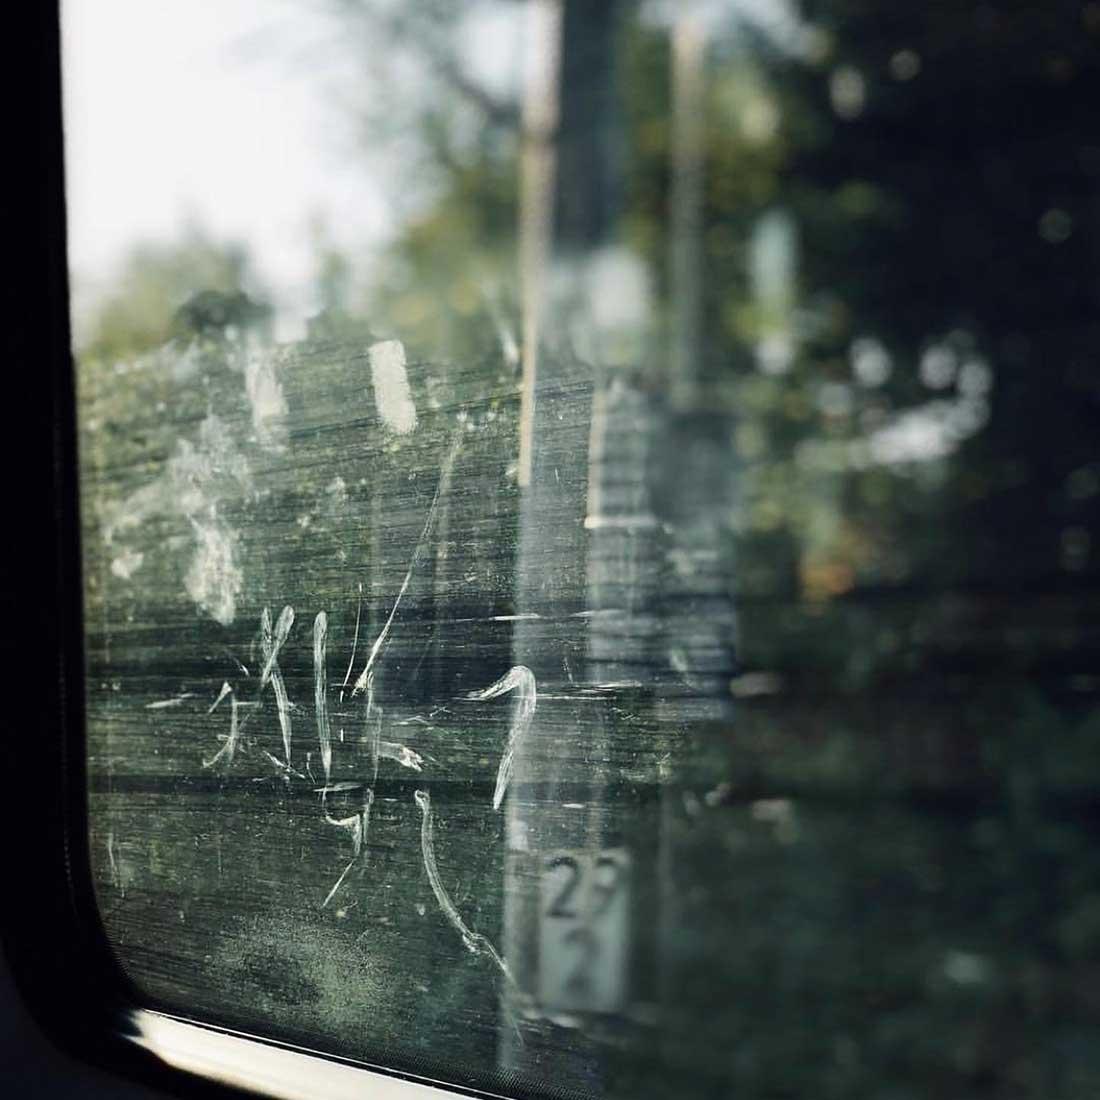 Künstlerin, Fotokünstlerin, Werk, Vita, Liv Lema, Fotografien, Fotos, Digital Native